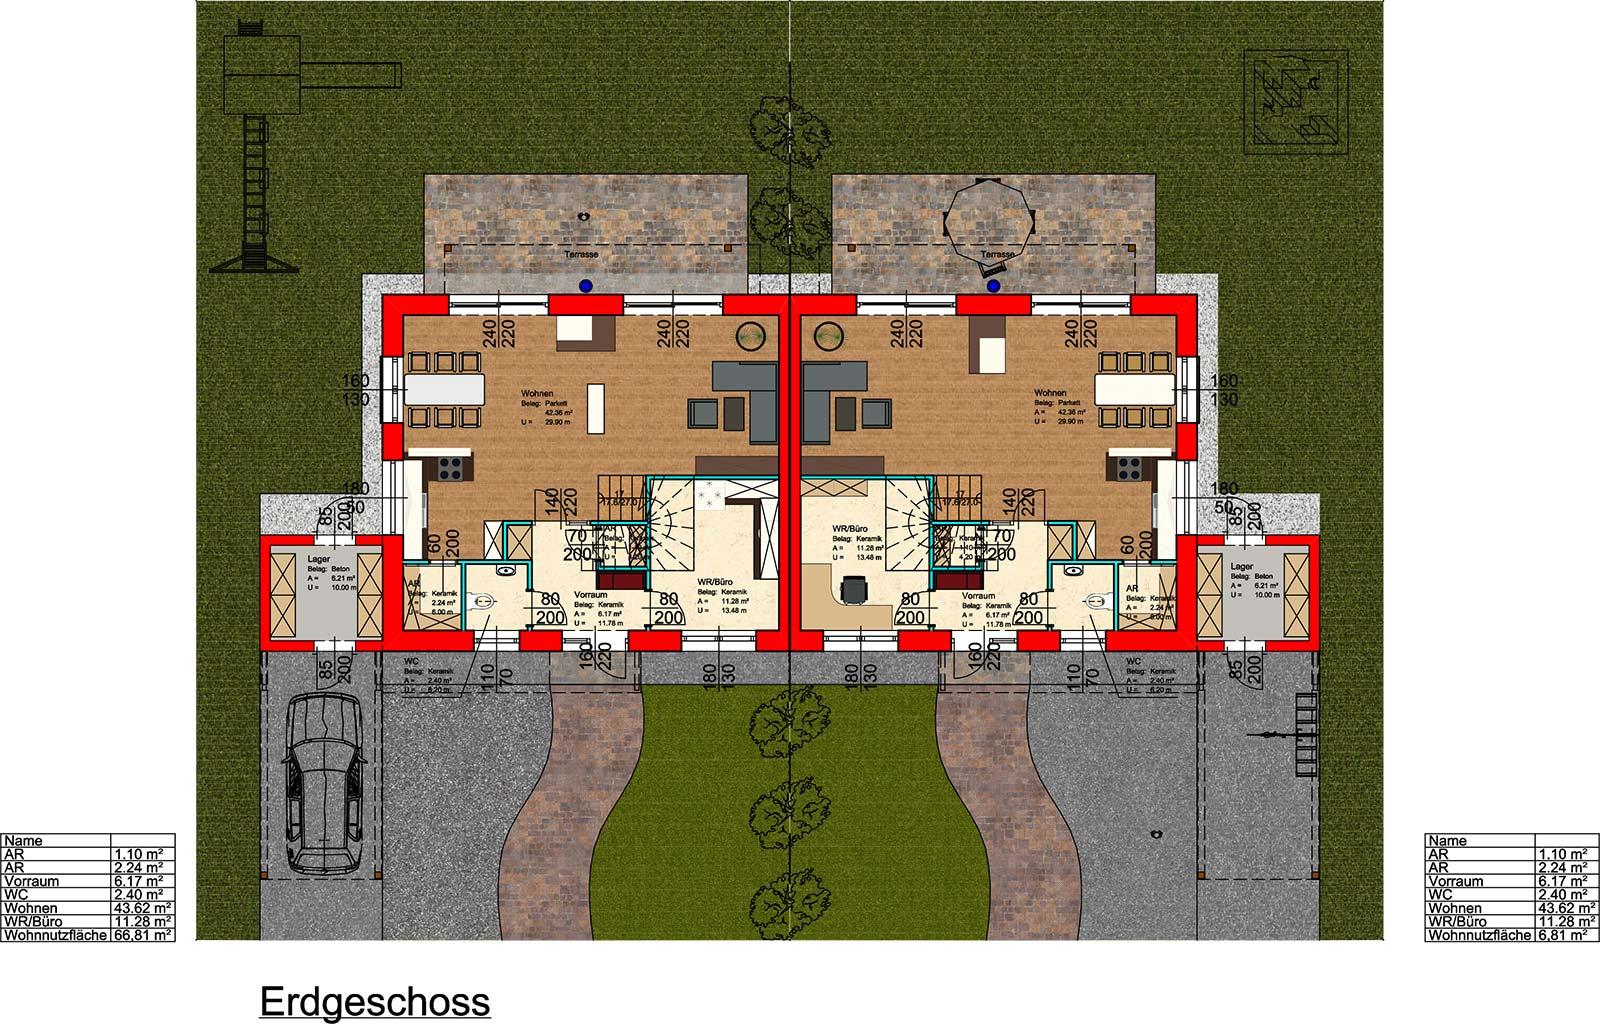 Mein Qualitätshaus-Mitterbach-Erdgeschoss